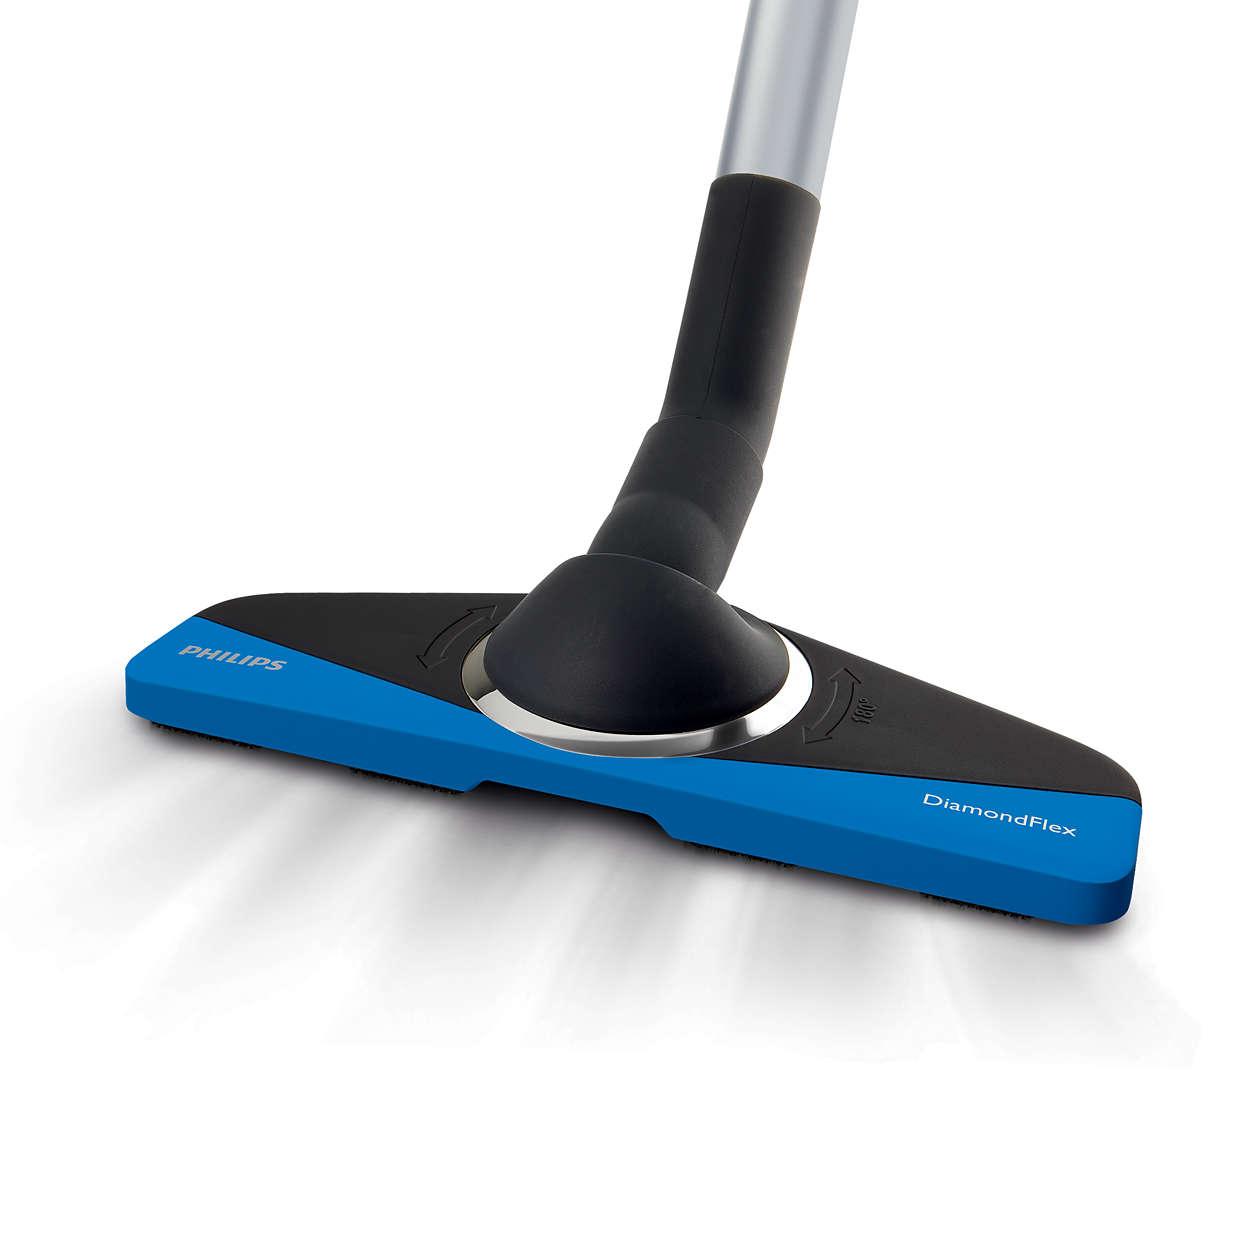 Fleksibilno čišćenje teško dostupnih mjesta